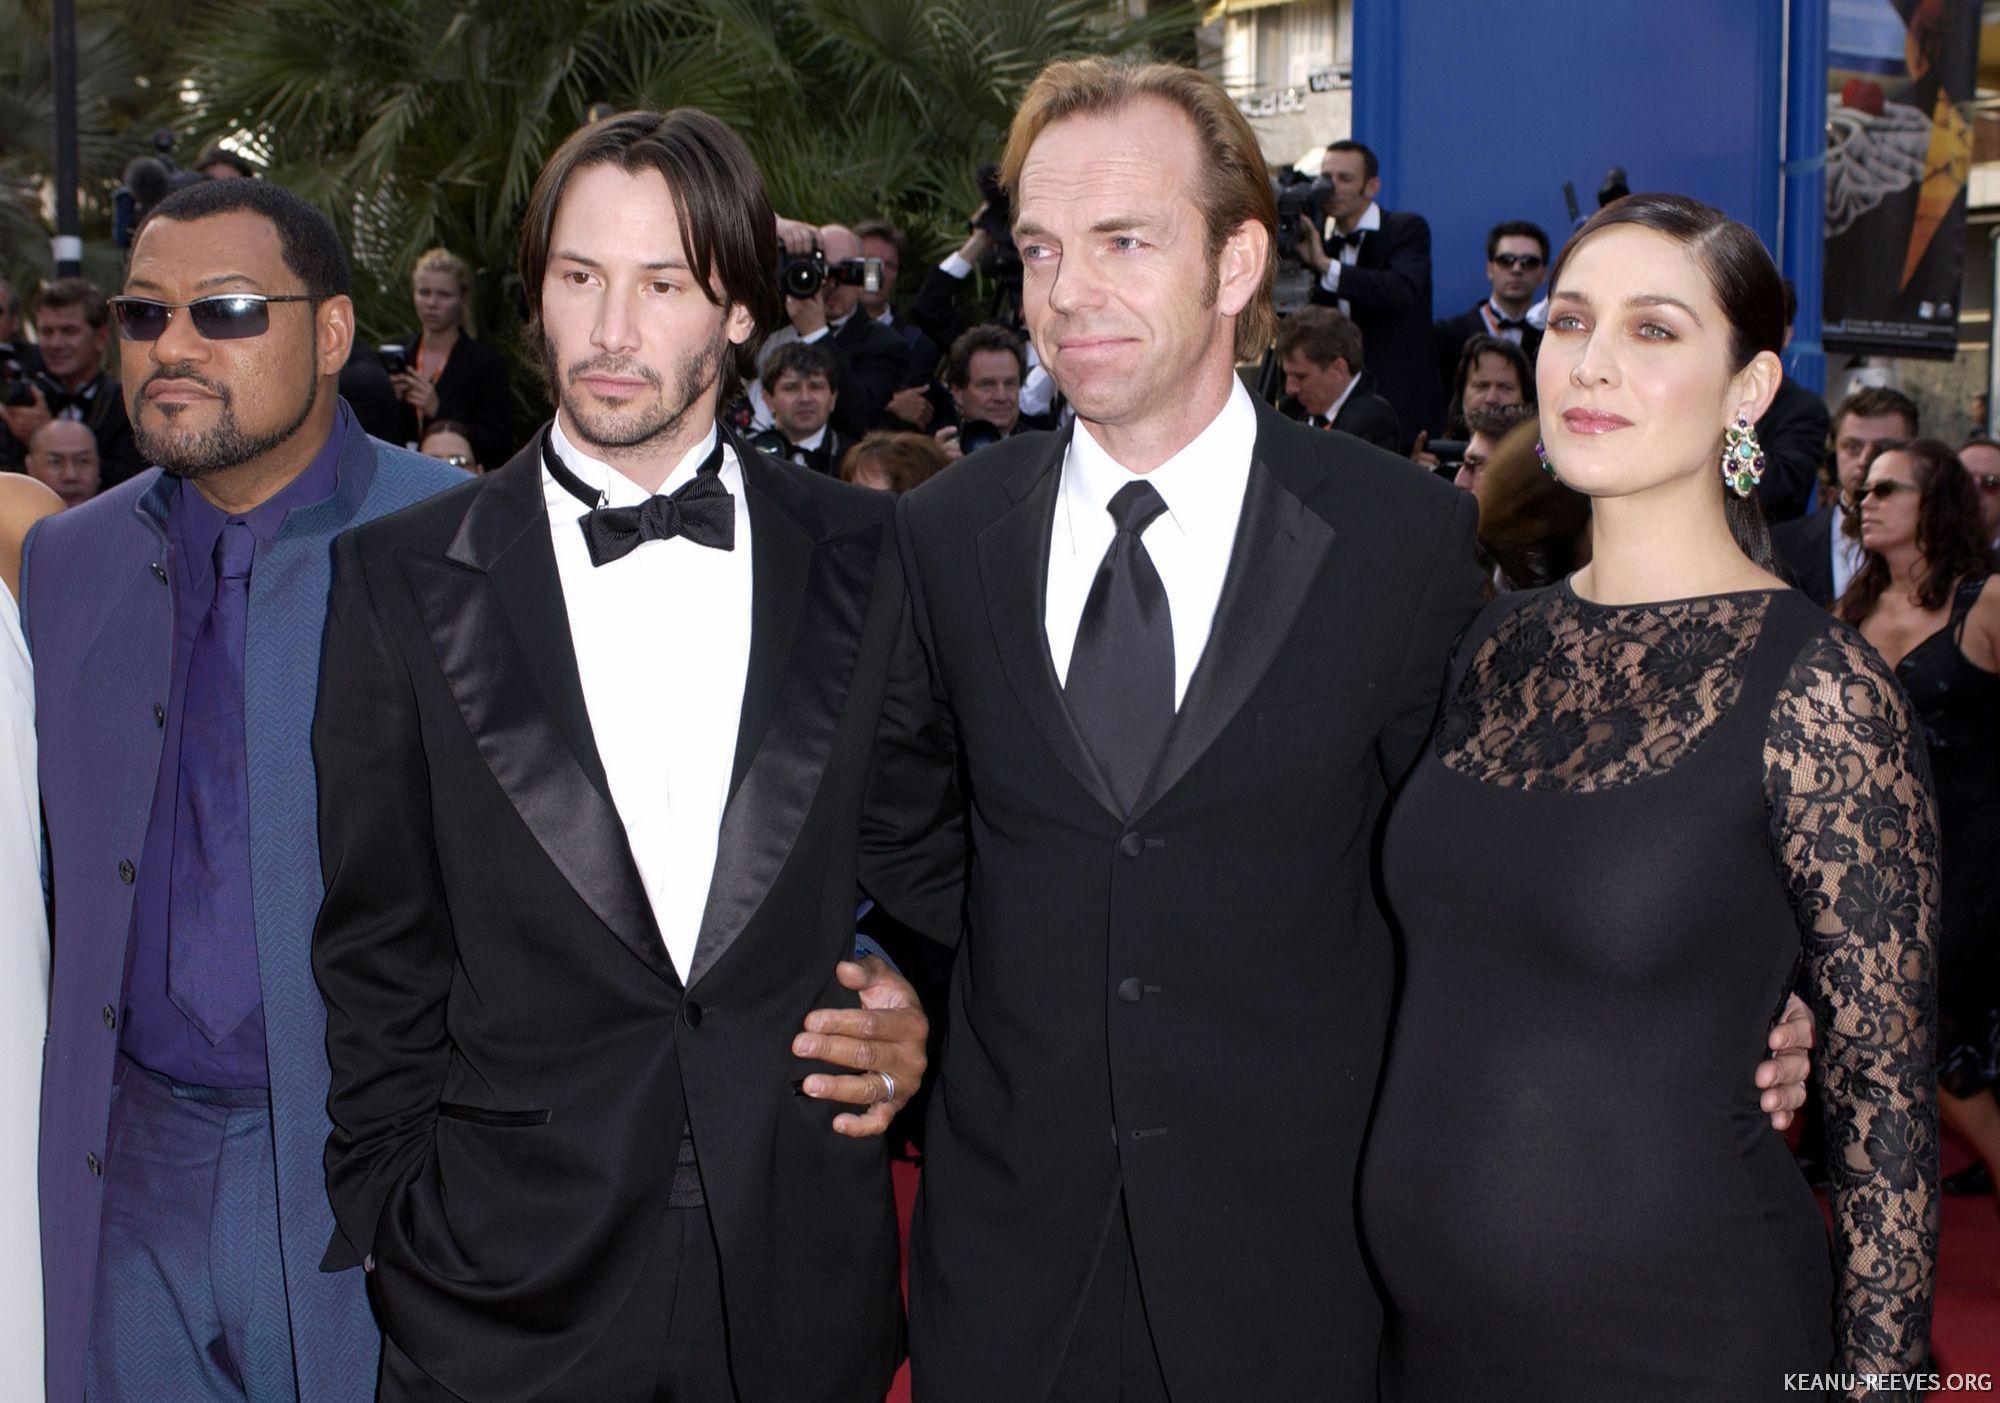 Laurence Fishburne (Morfeo), Keanu Reeves (Neo), Hugo Weaving (Agente Smith) y Carrie-Anne Moss (Trinity) en el Festival de Cannes 2003. (Foto: keanu-reeves.org)